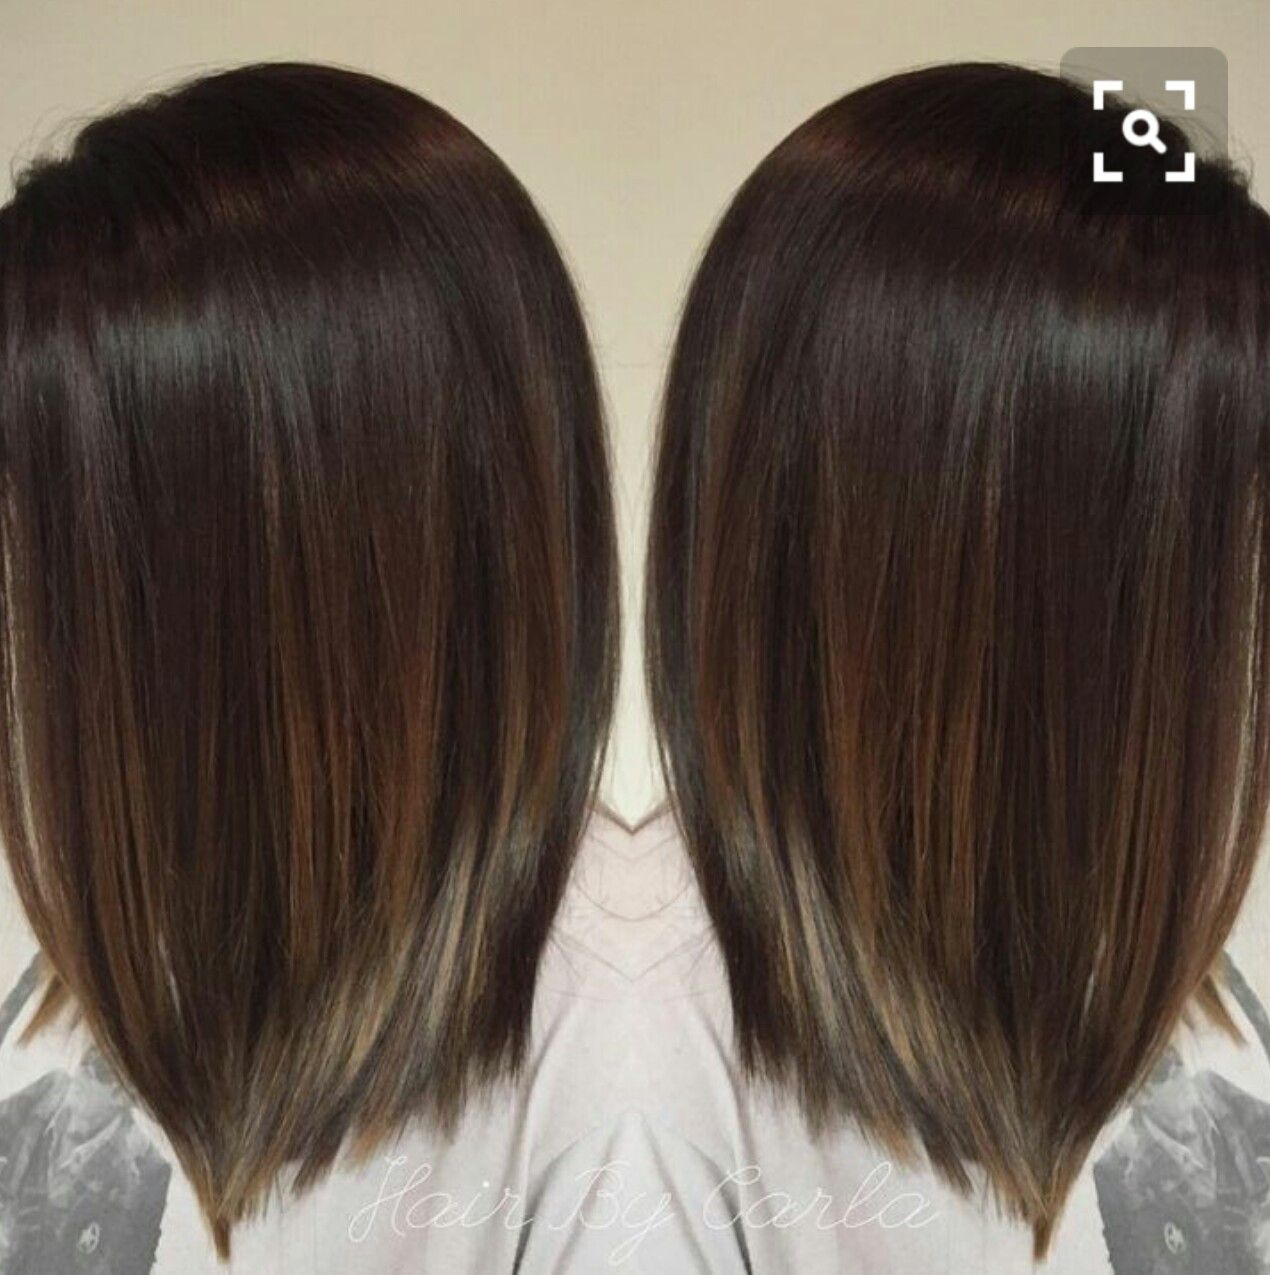 Pin Von Vanessa Cleator Auf Hair Ideas Frisuren Balayage Balayage Frisur